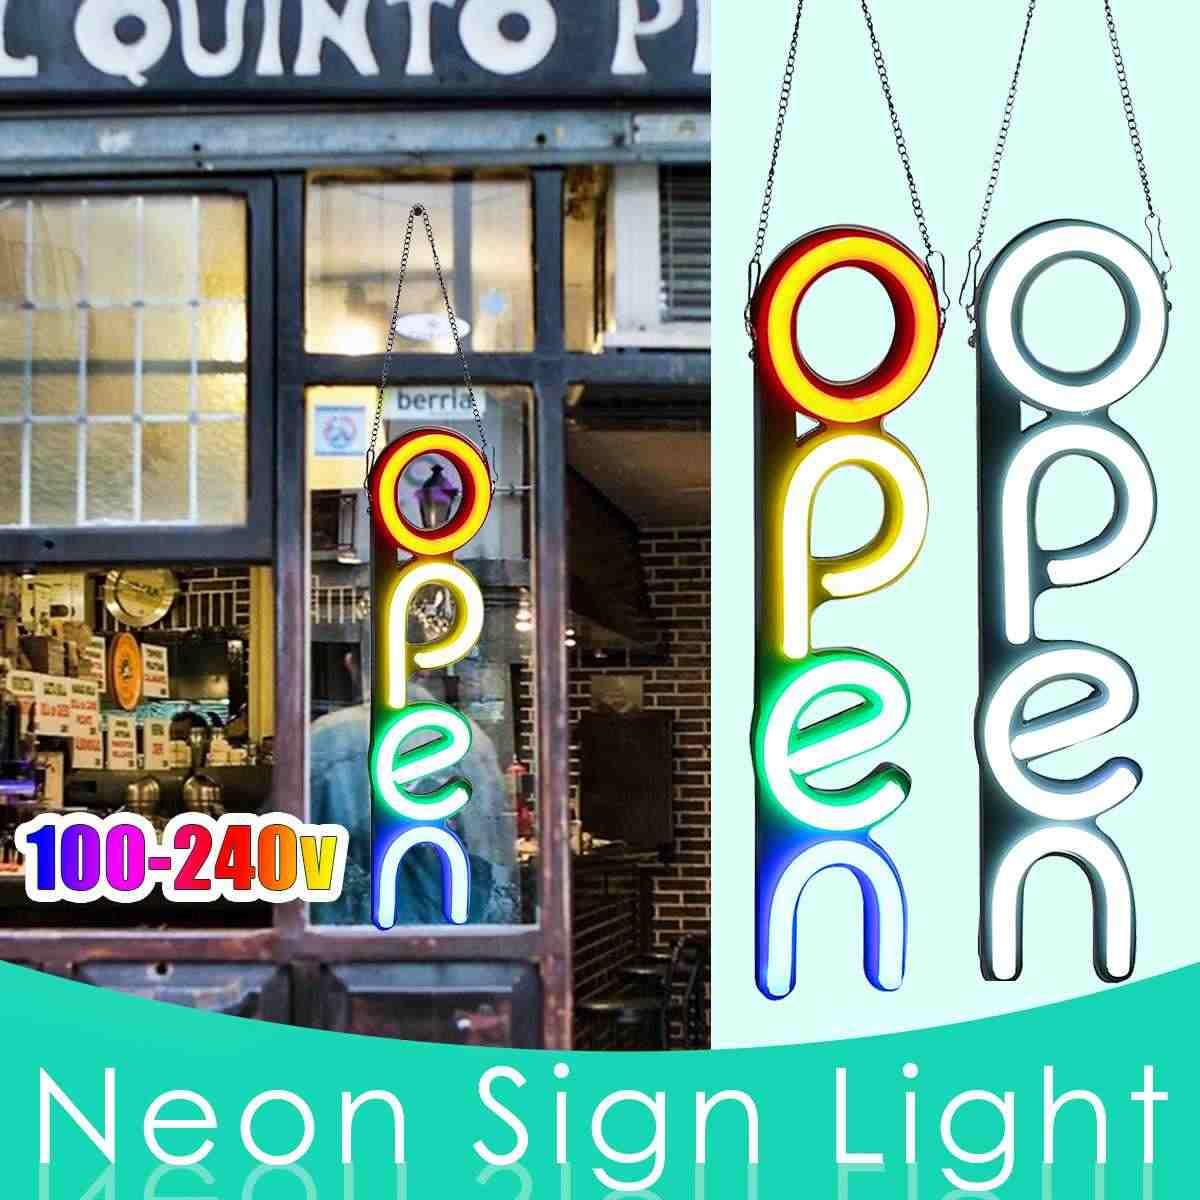 Luz de letrero de neón abierta blanca/colorida Luz de pared LED ilustraciones visuales lámpara de Bar decoración de la tienda del hogar Iluminación comercial